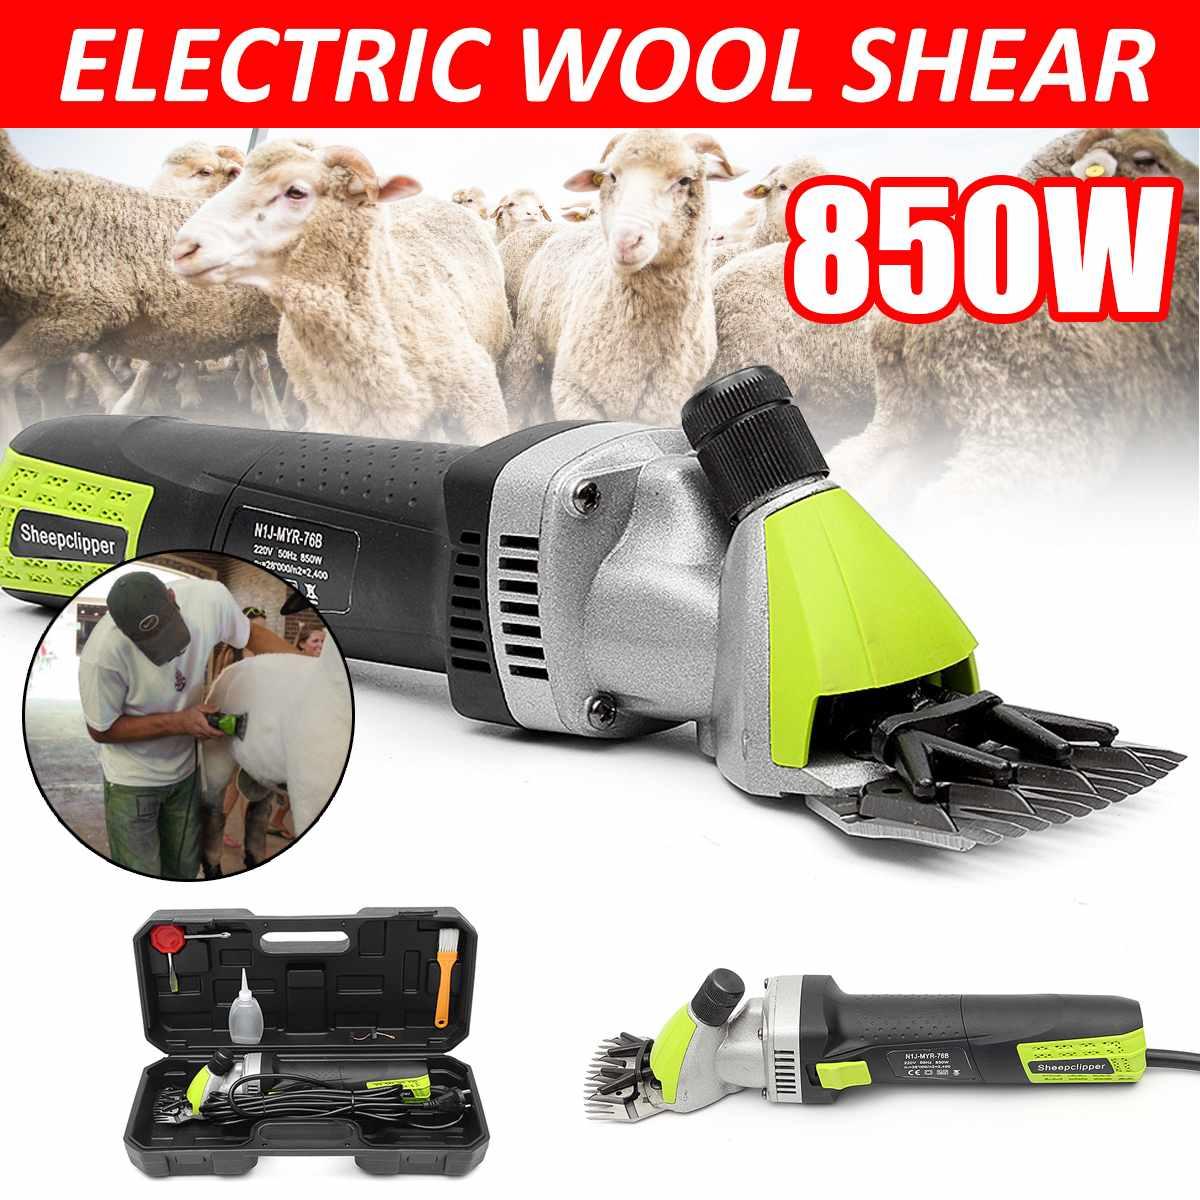 850 Вт электрическая стрижка шерсти ножницы для стрижки козла ножницы для стрижки волос животных Триммер Инструмент 220 В резак ножницы для ше